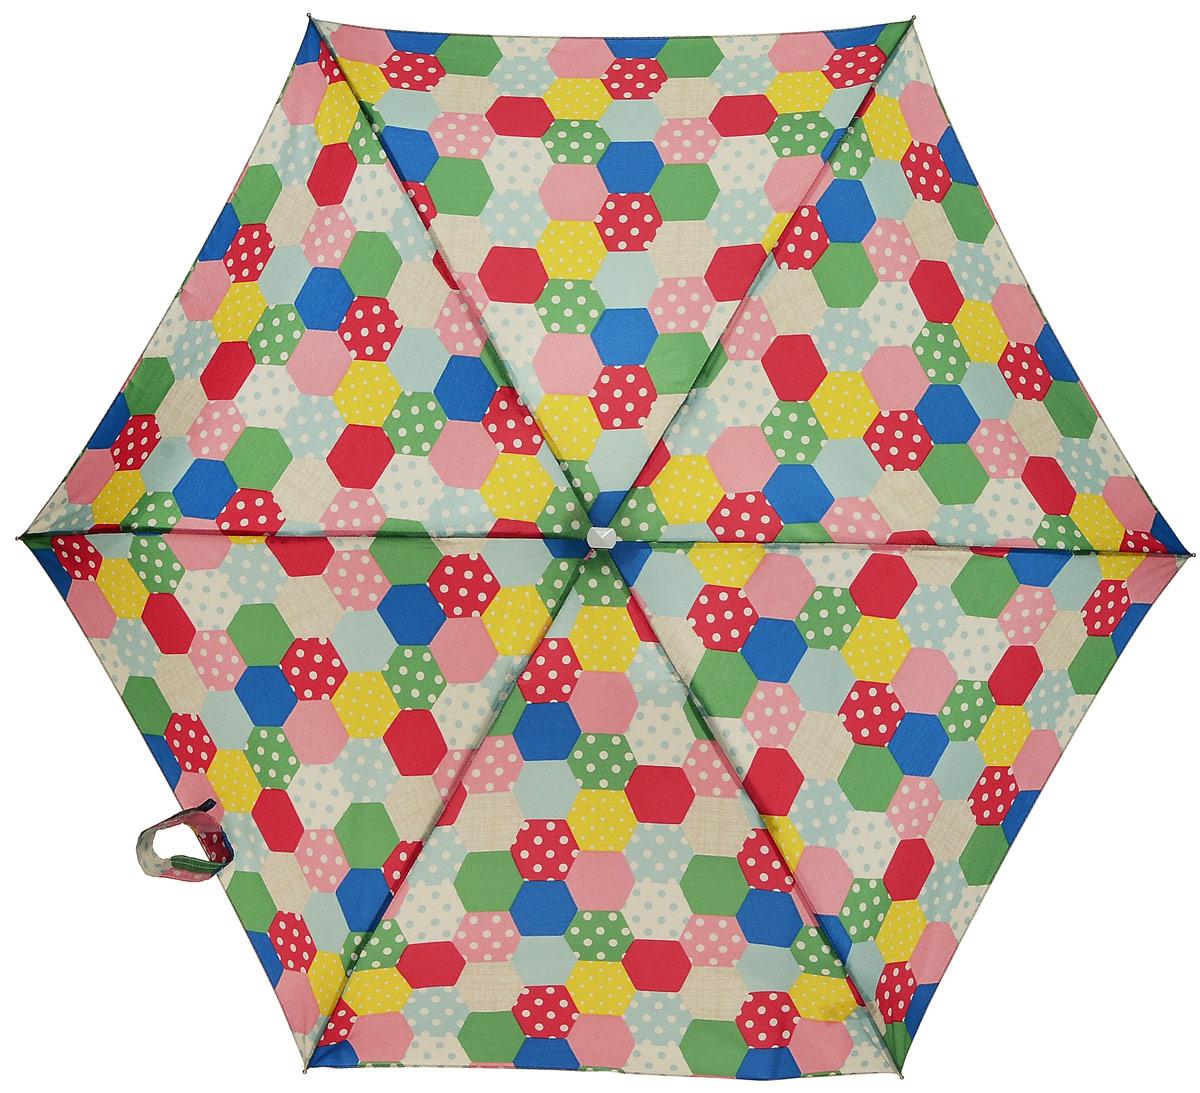 Зонт женский механика Cath Kidston Fulton, расцветка: заплатки. L521-2944 PatchworkNaturalL521-2944 PatchworkNaturalПрочный, необыкновенно компактный зонт, который с легкостью поместится в маленькую сумочку. Удобный плоский чехол. Облегченный алюминиевый каркас с элементами из фибергласса. Ветроустойчивая конструкция. Размеры зонта в сложенном виде 15смх6смх3см, диаметр купола 87 см.